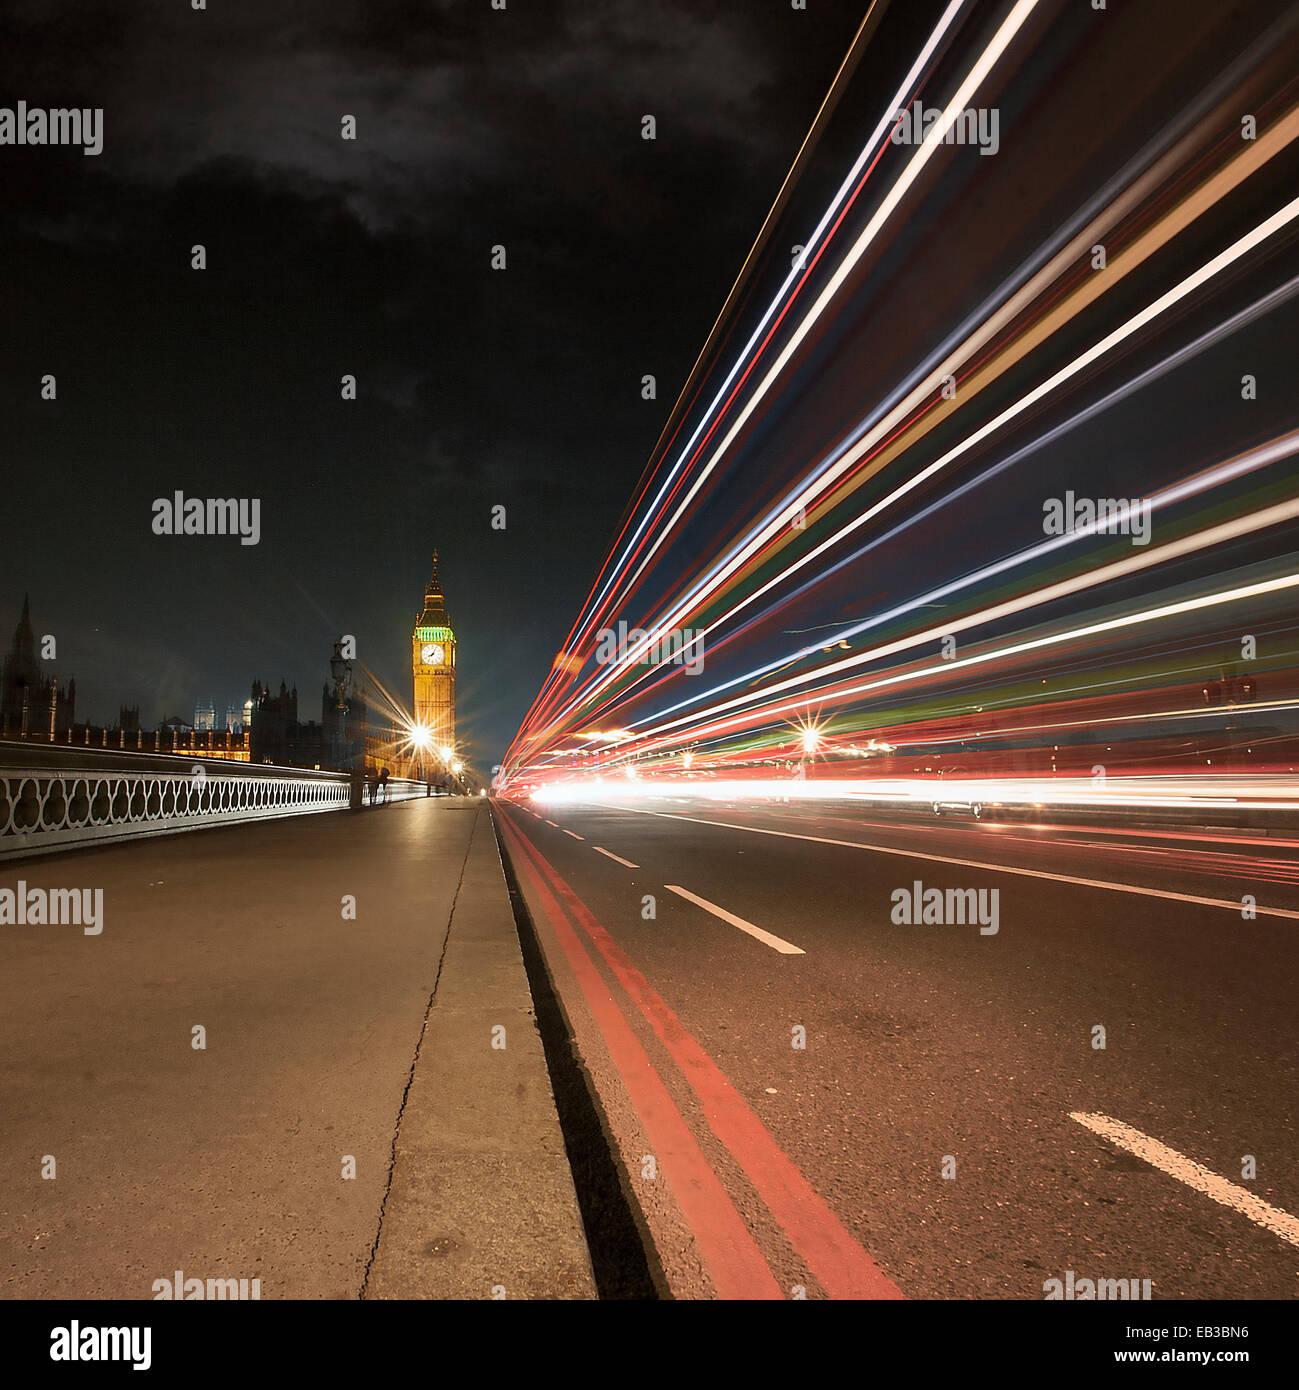 Royaume-uni, Angleterre, Londres, sentier de lumière sur le pont de Westminster Photo Stock